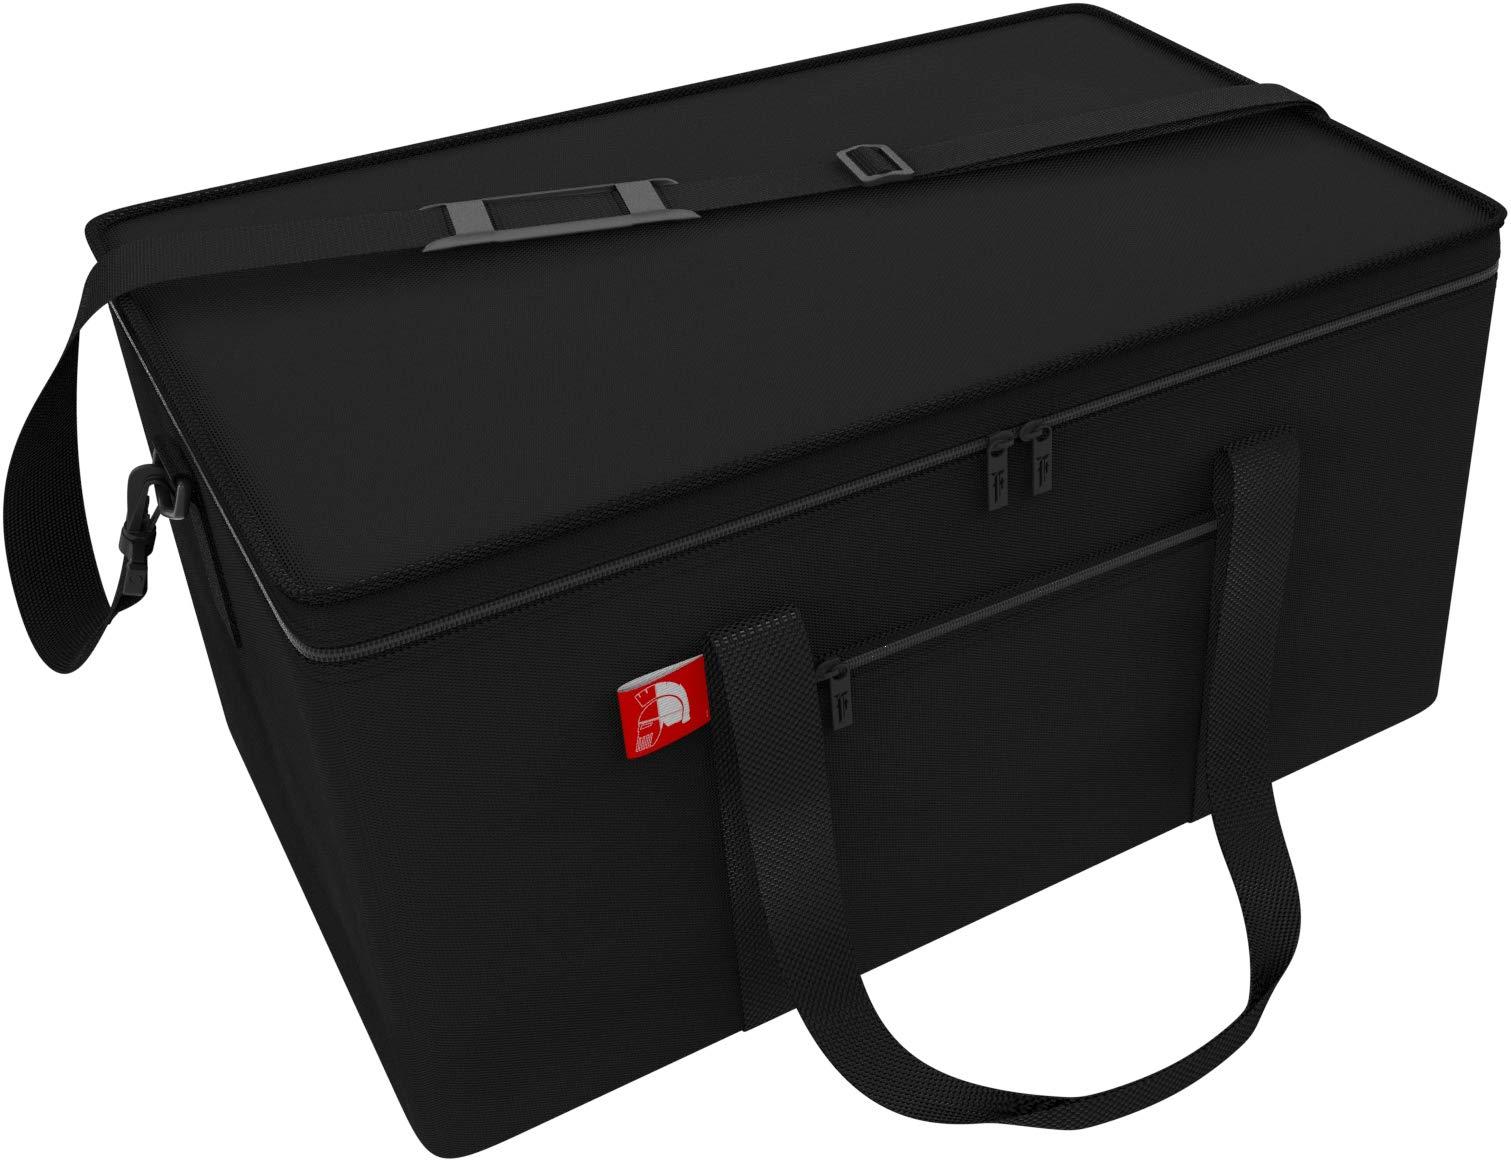 Feldherr Transporter es Compatible con Juegos de Mesa: Amazon.es: Juguetes y juegos